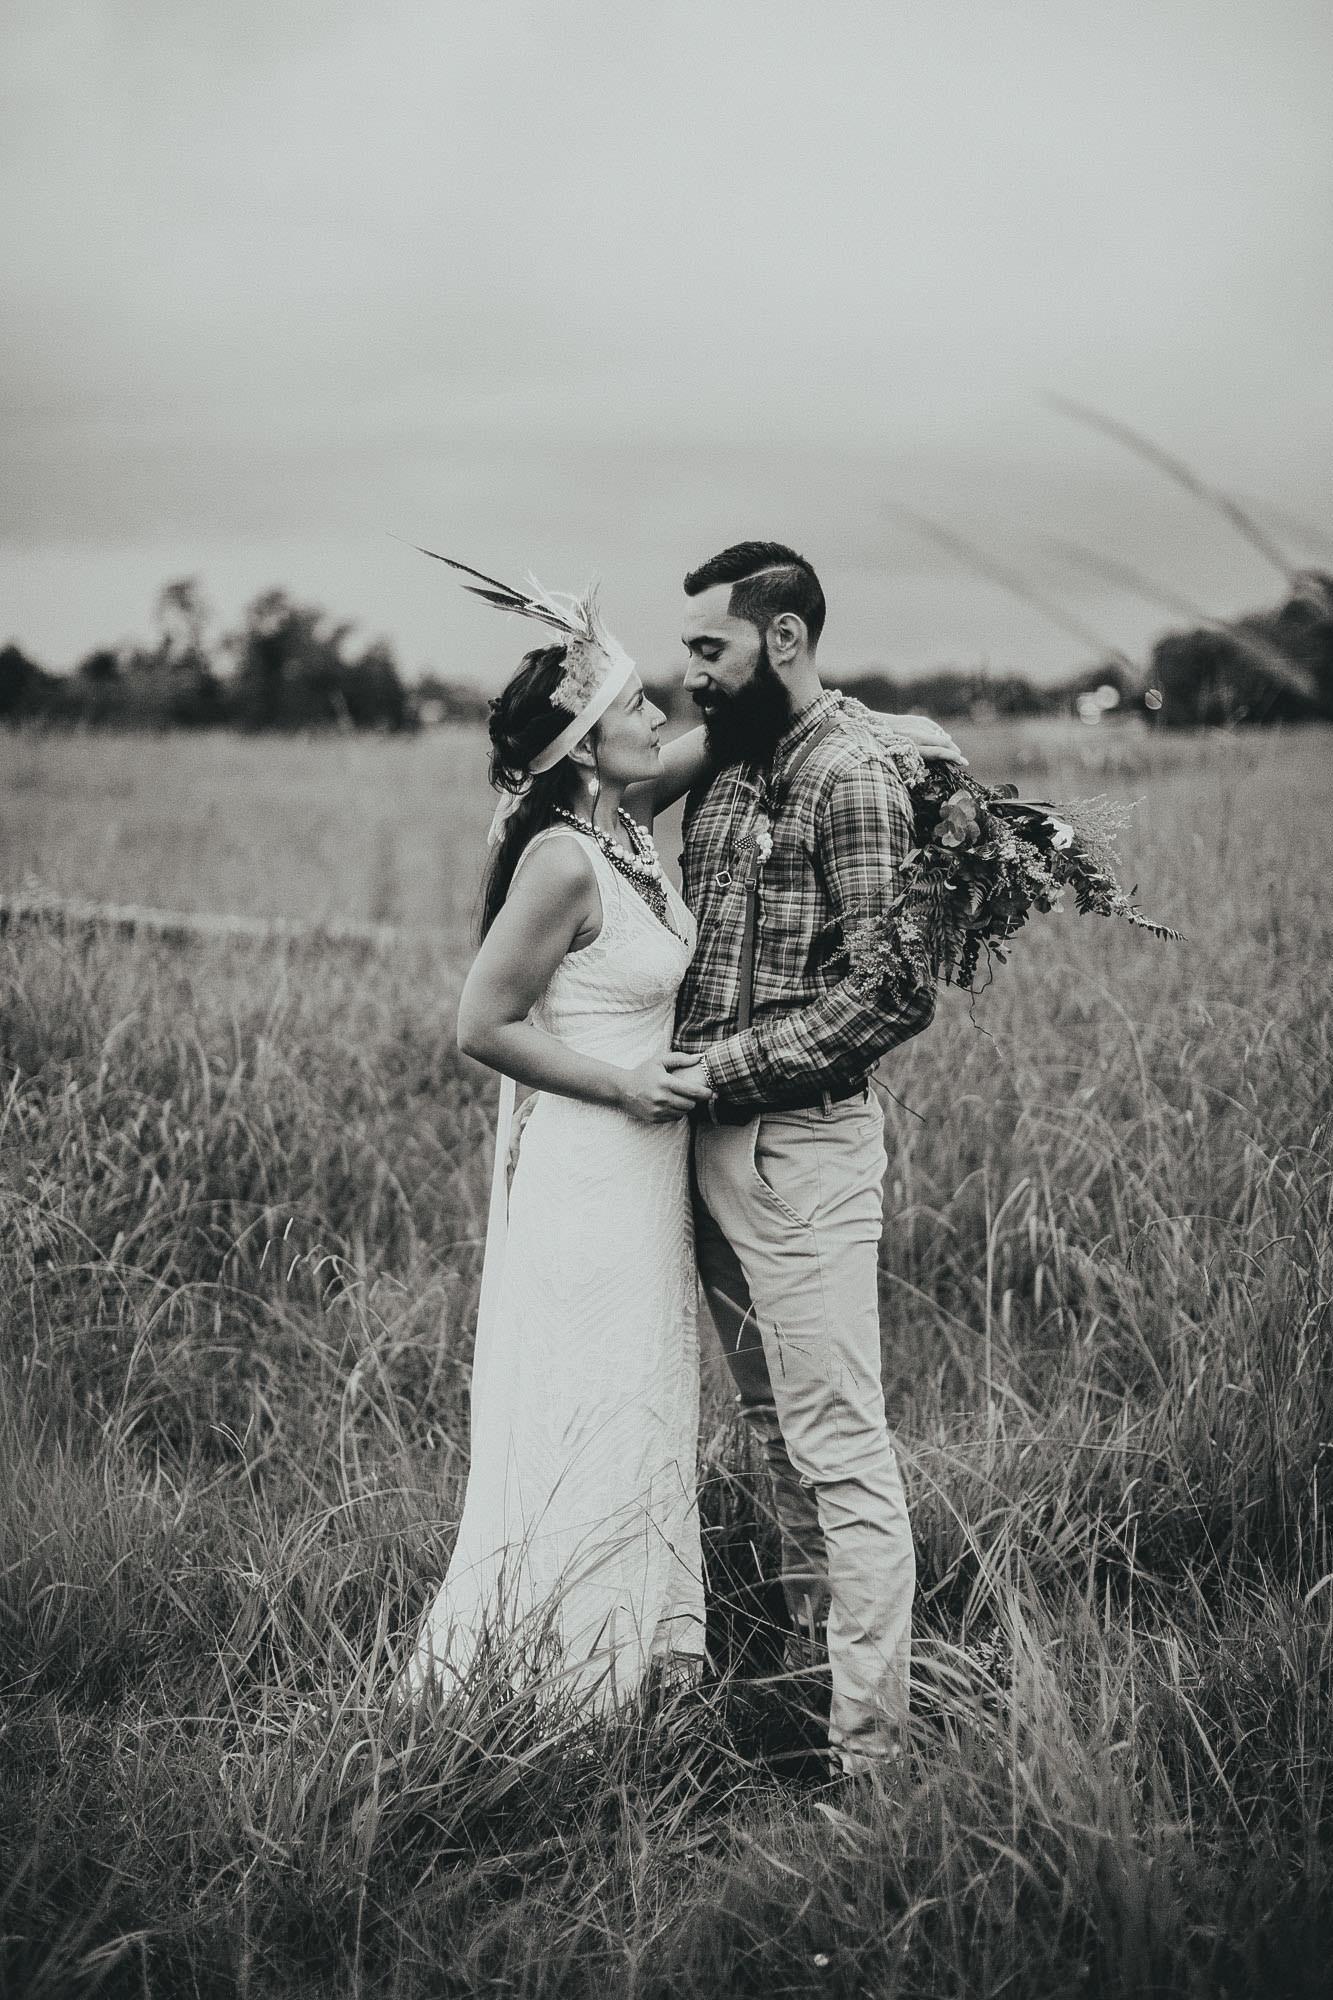 077 finch and oak, wedding photography, gold coast, byron bay.jpg